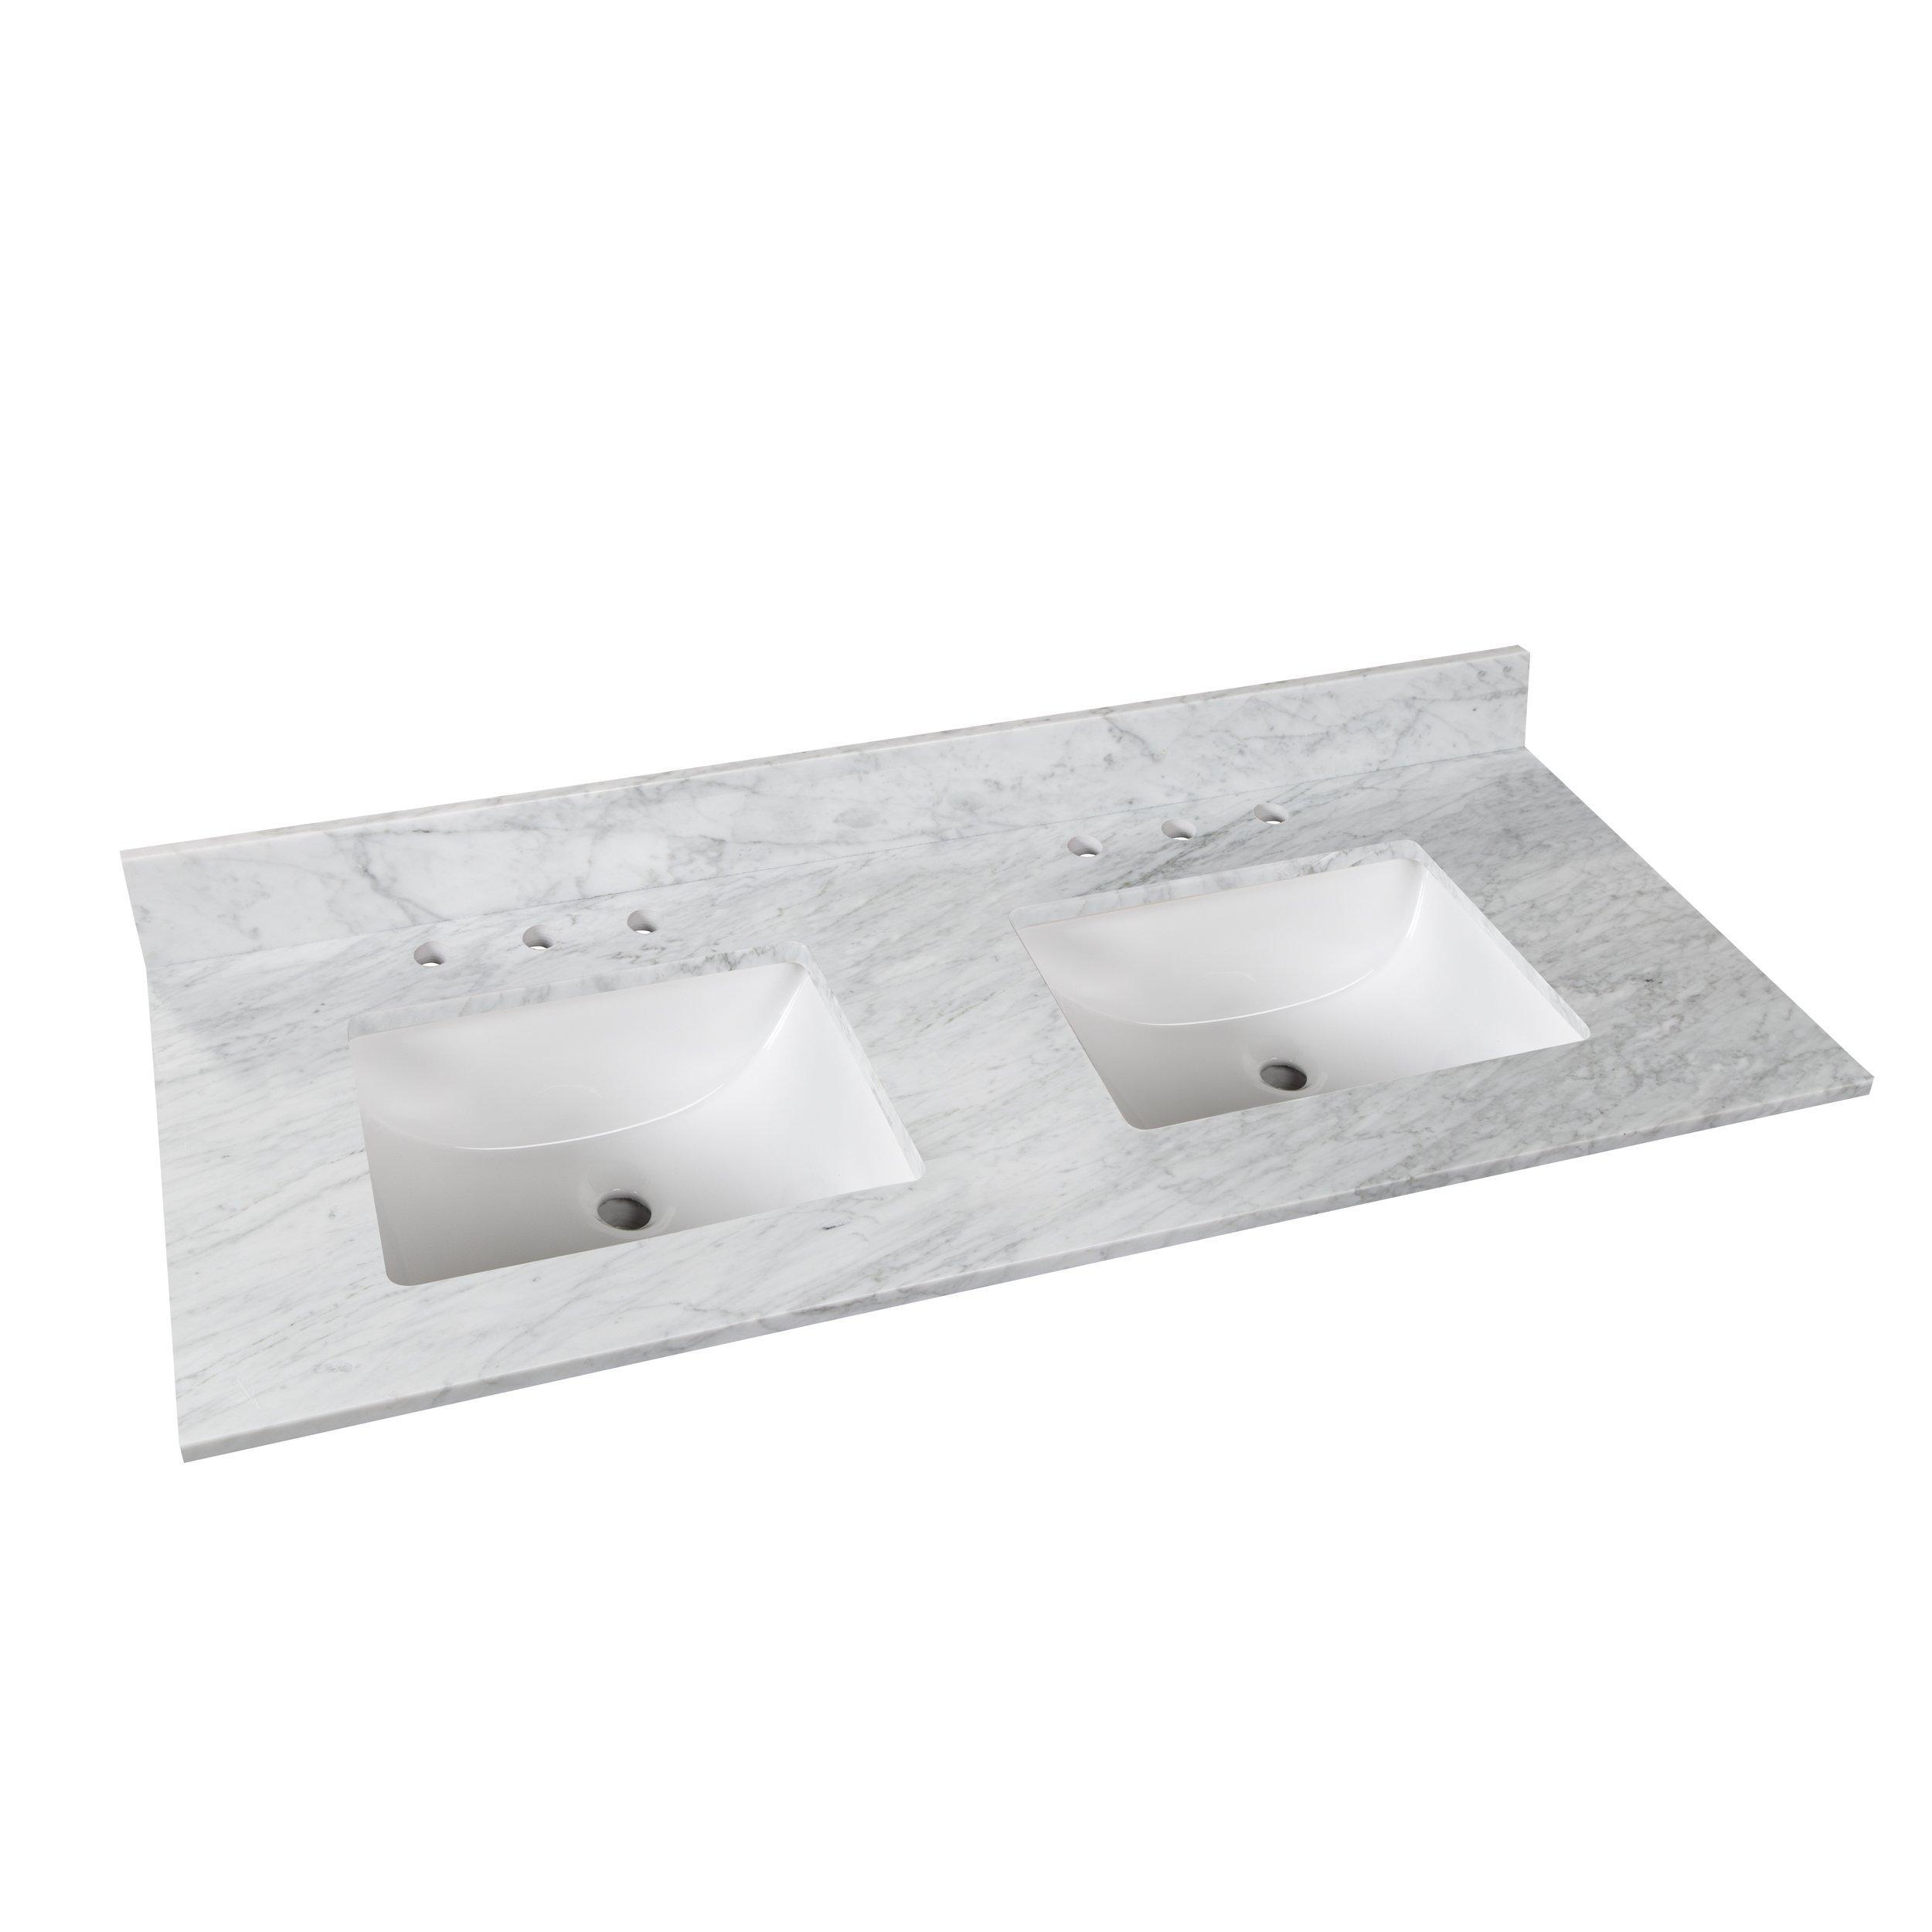 Bianco Carrara Marble 20 in. Vanity Top includes Backsplash